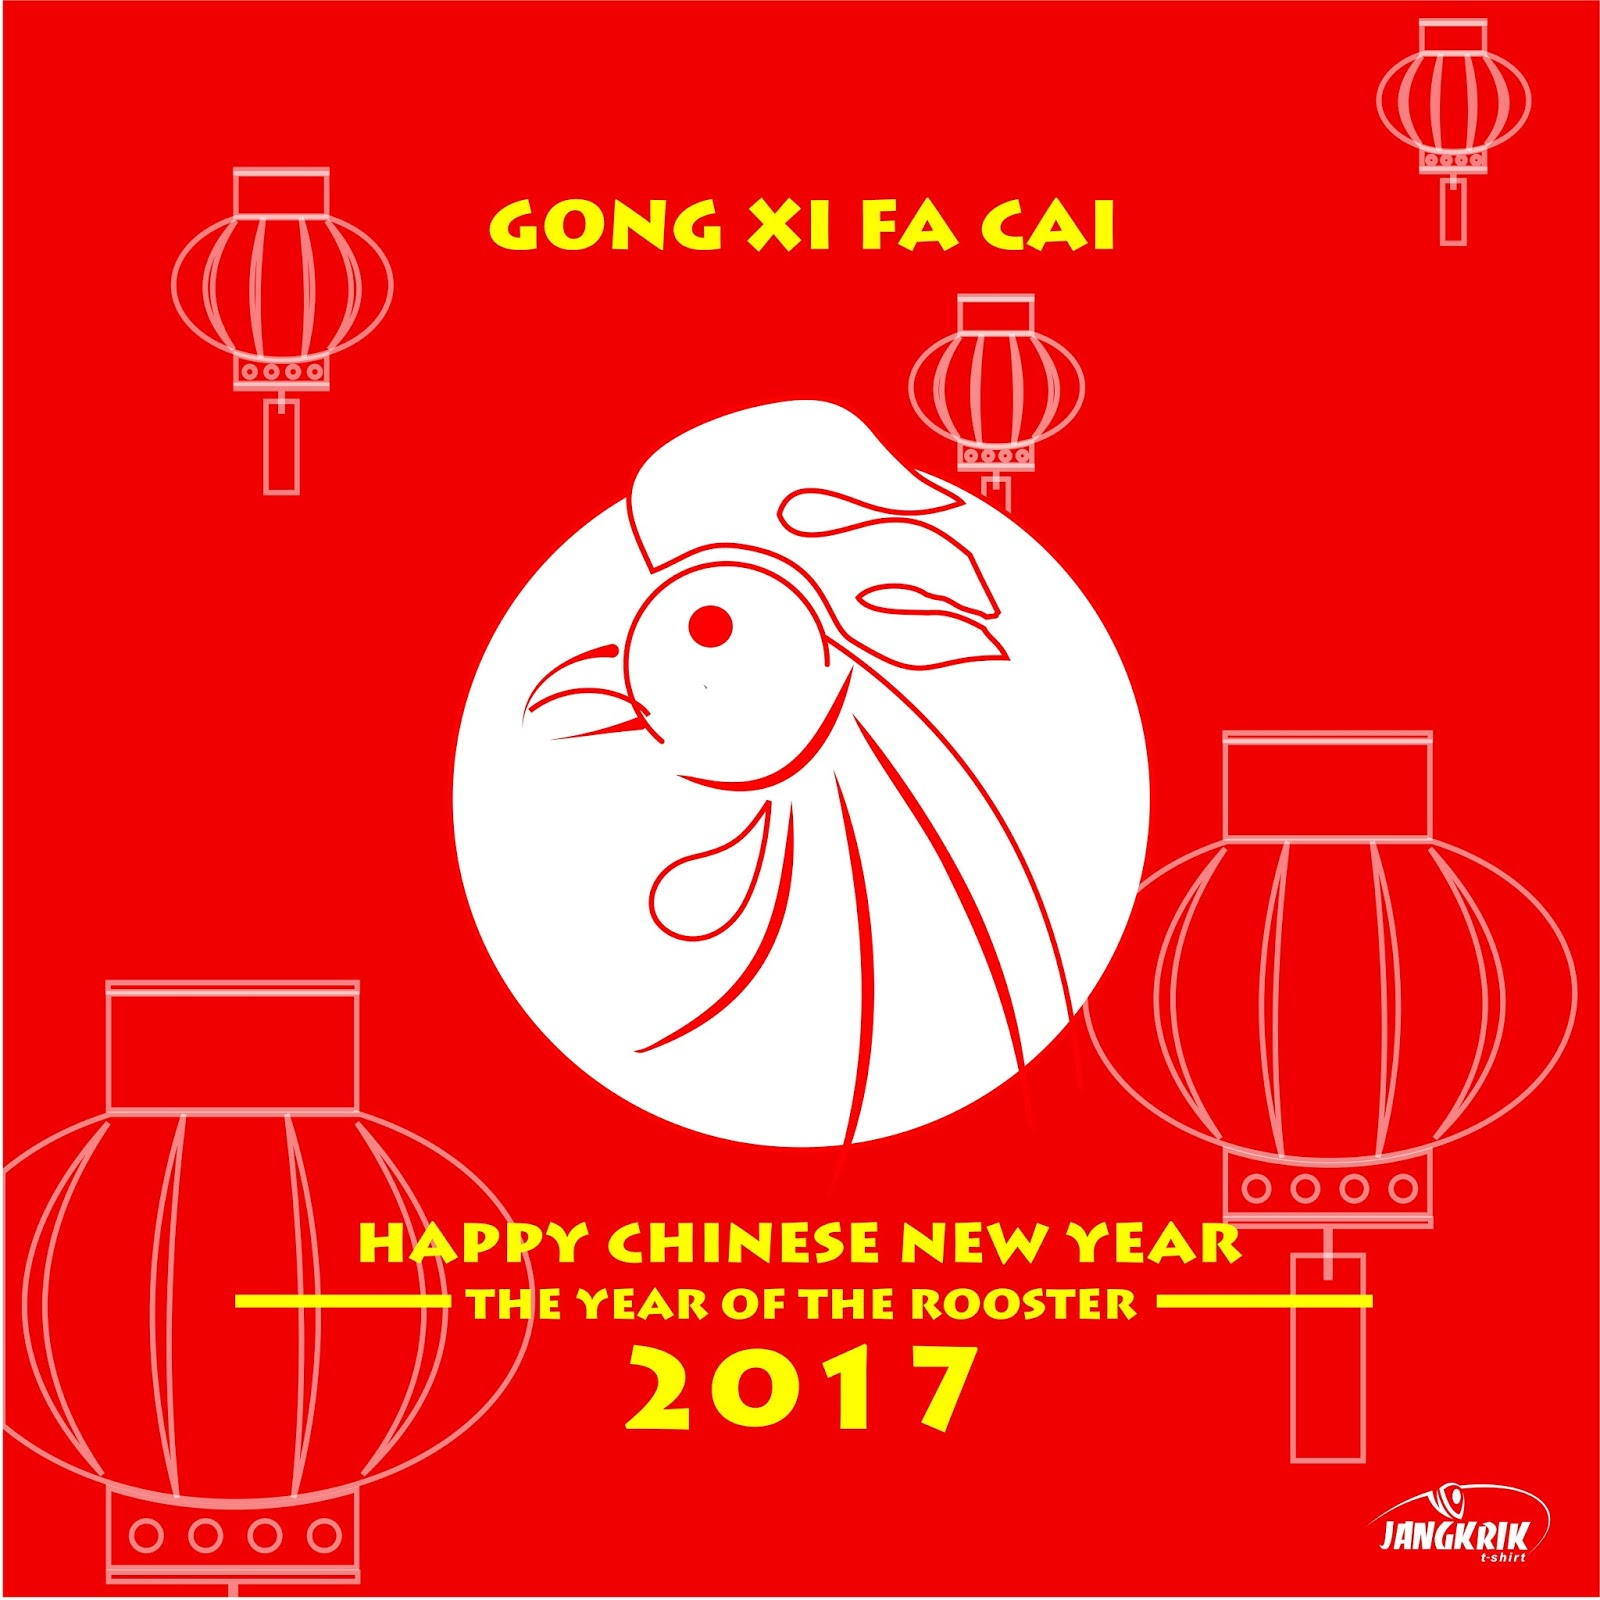 Imlek merupakan perayaan terpenting orang Tionghoa Perayaan tahun baru imlek dimulai di hari pertama bulan pertama di penanggalan Tionghoa dan berakhir